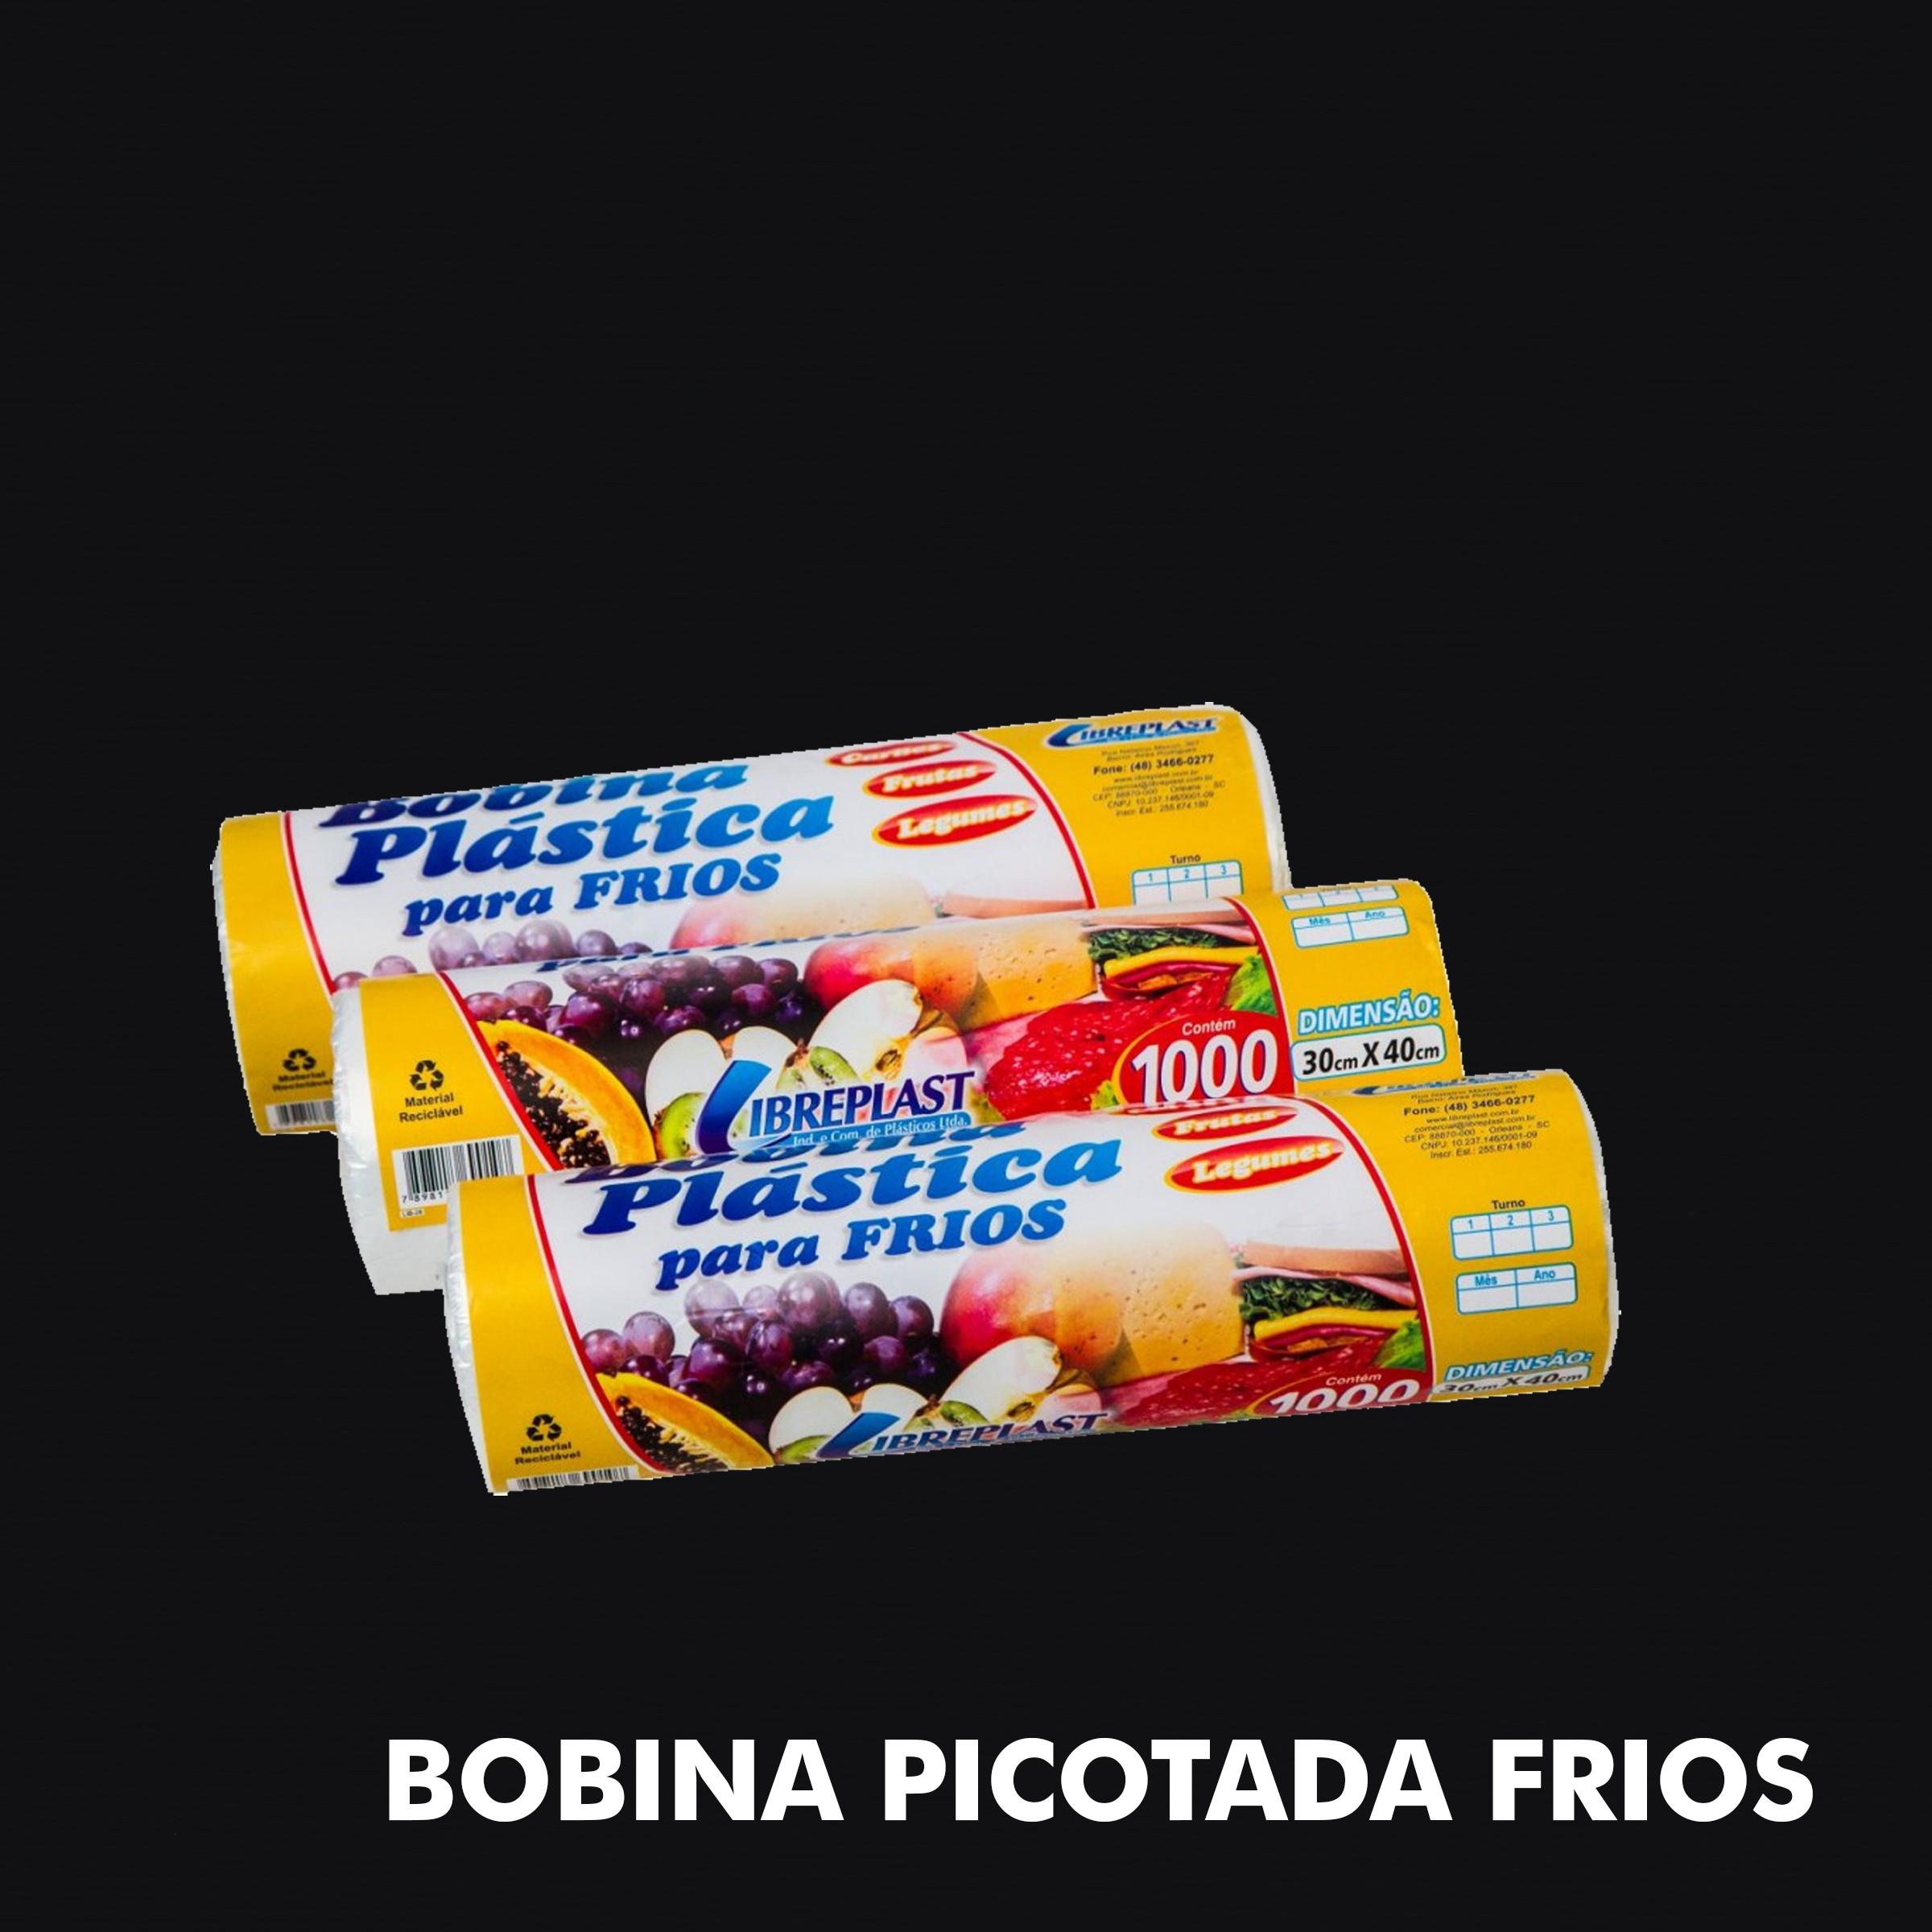 Bobina Picotada Frios - RF